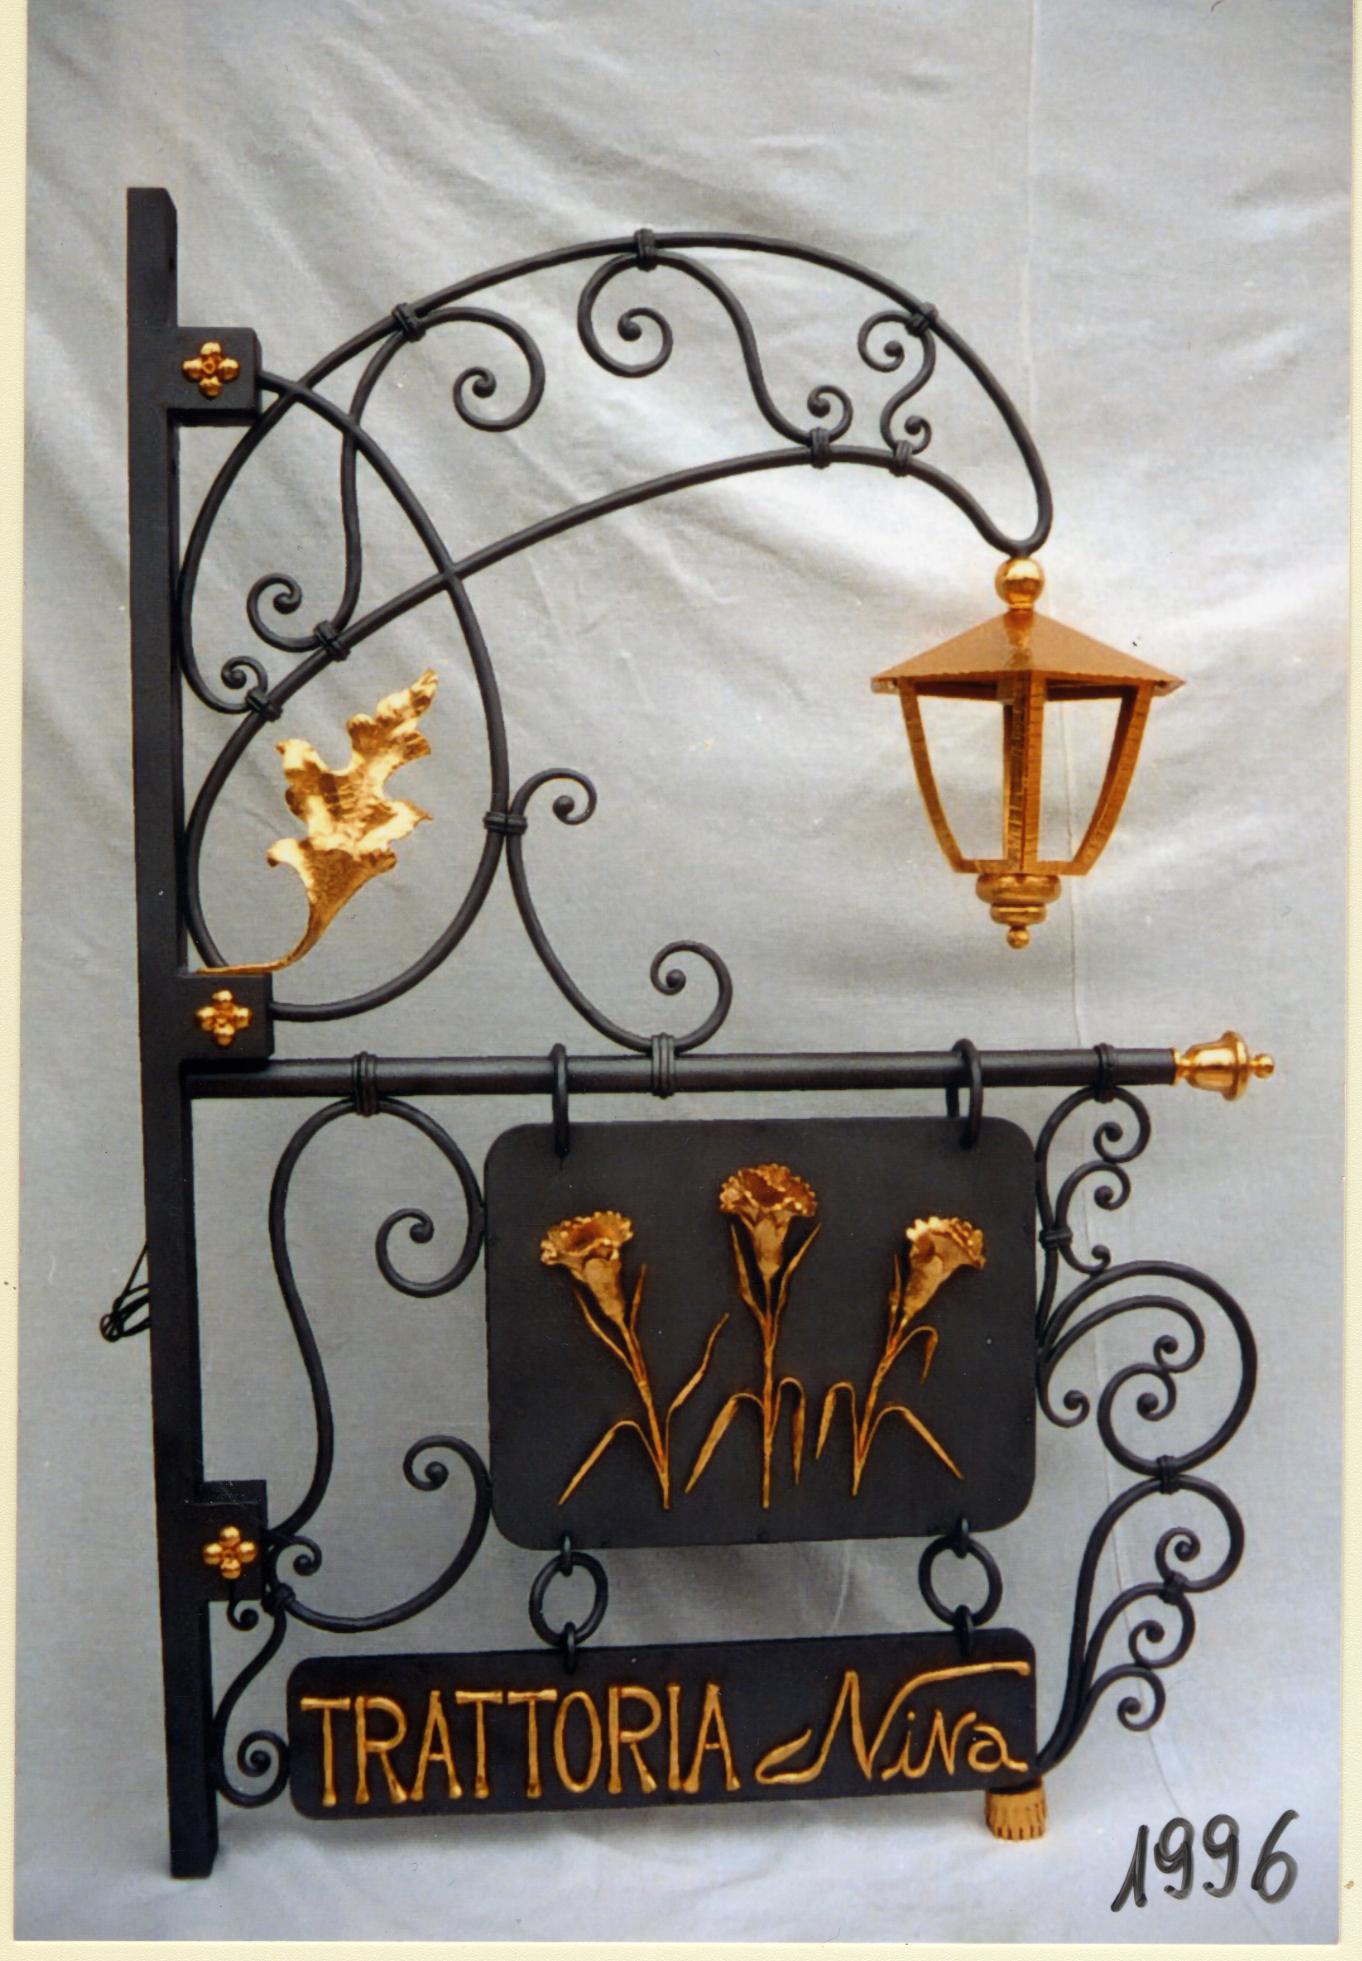 Trattoria Nina 1996 - Montorso (Vicenza) Insegna Bifacciale ferro battuto e bagno oro - Lato B